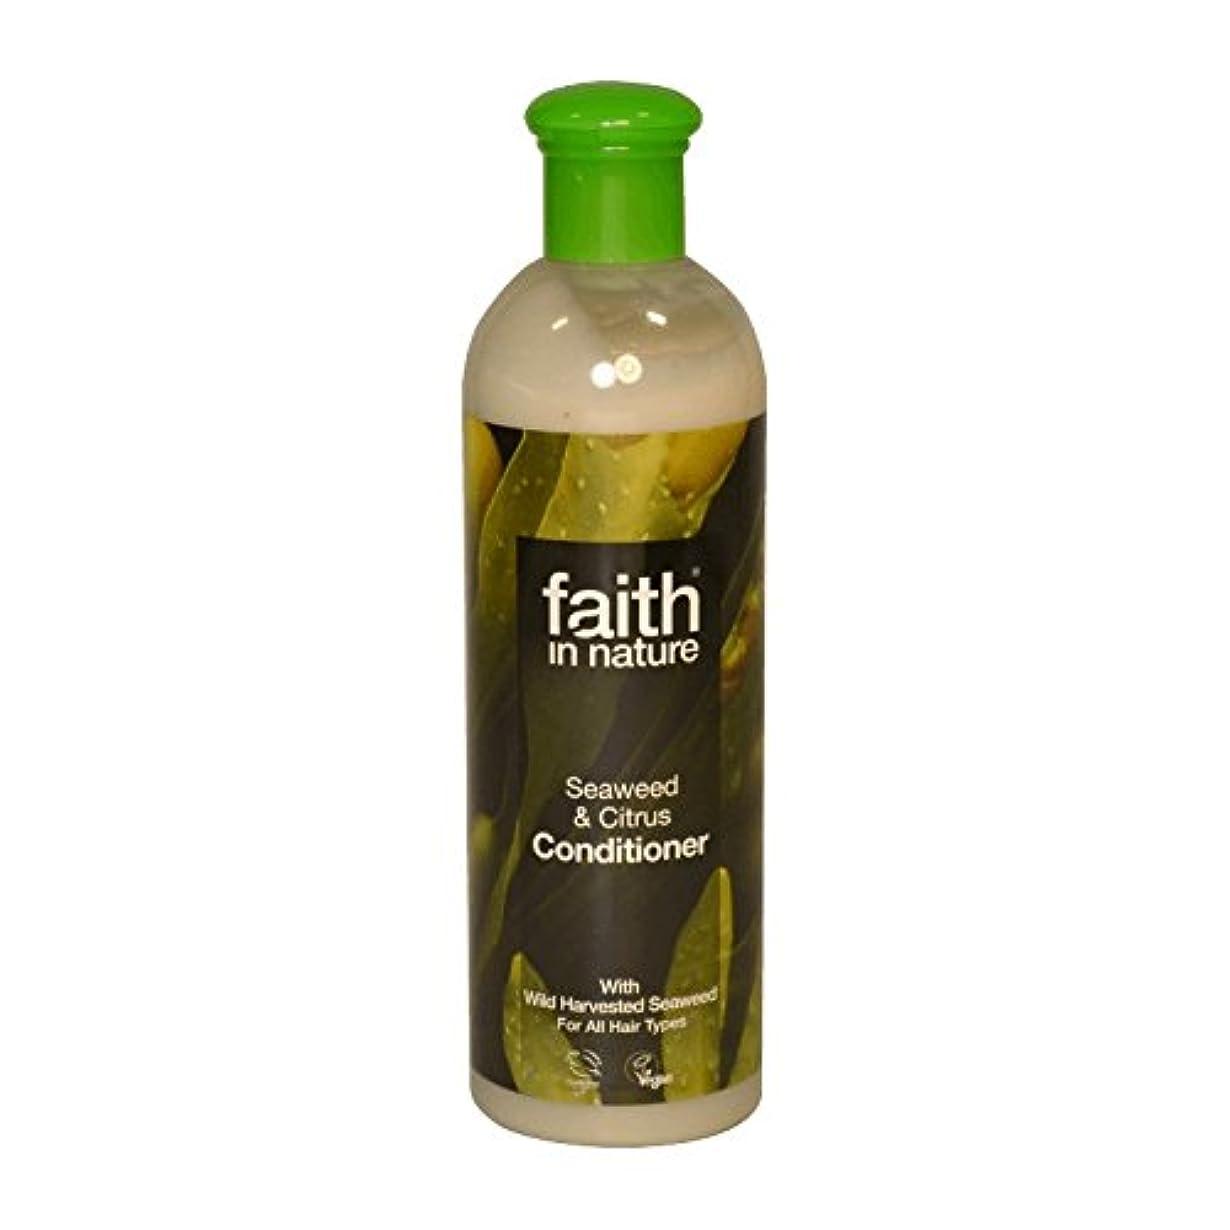 ベルベットライオネルグリーンストリートクローゼット自然の海藻&シトラスコンディショナー400ミリリットルの信仰 - Faith in Nature Seaweed & Citrus Conditioner 400ml (Faith in Nature) [並行輸入品]